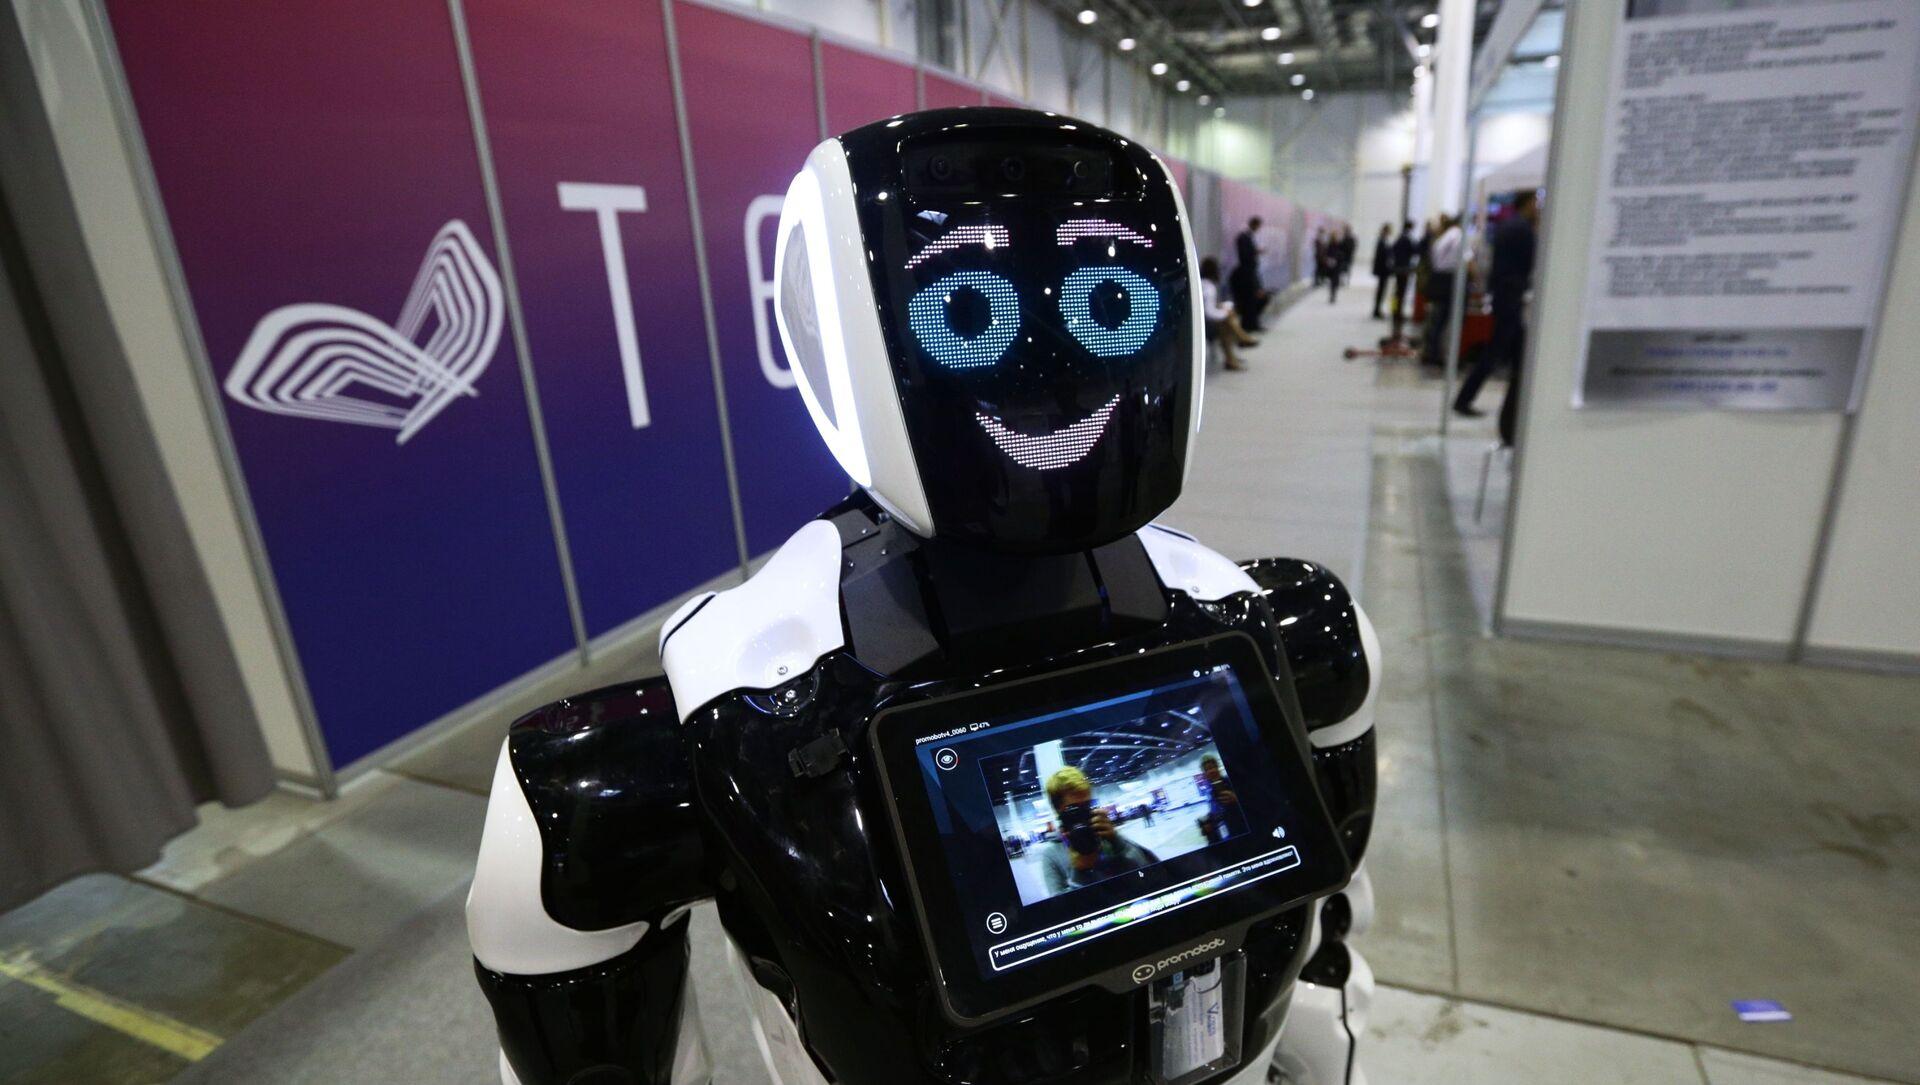 ロボットはどんな立場だと人間を説得できる? 研究で明らかに - Sputnik 日本, 1920, 25.09.2021